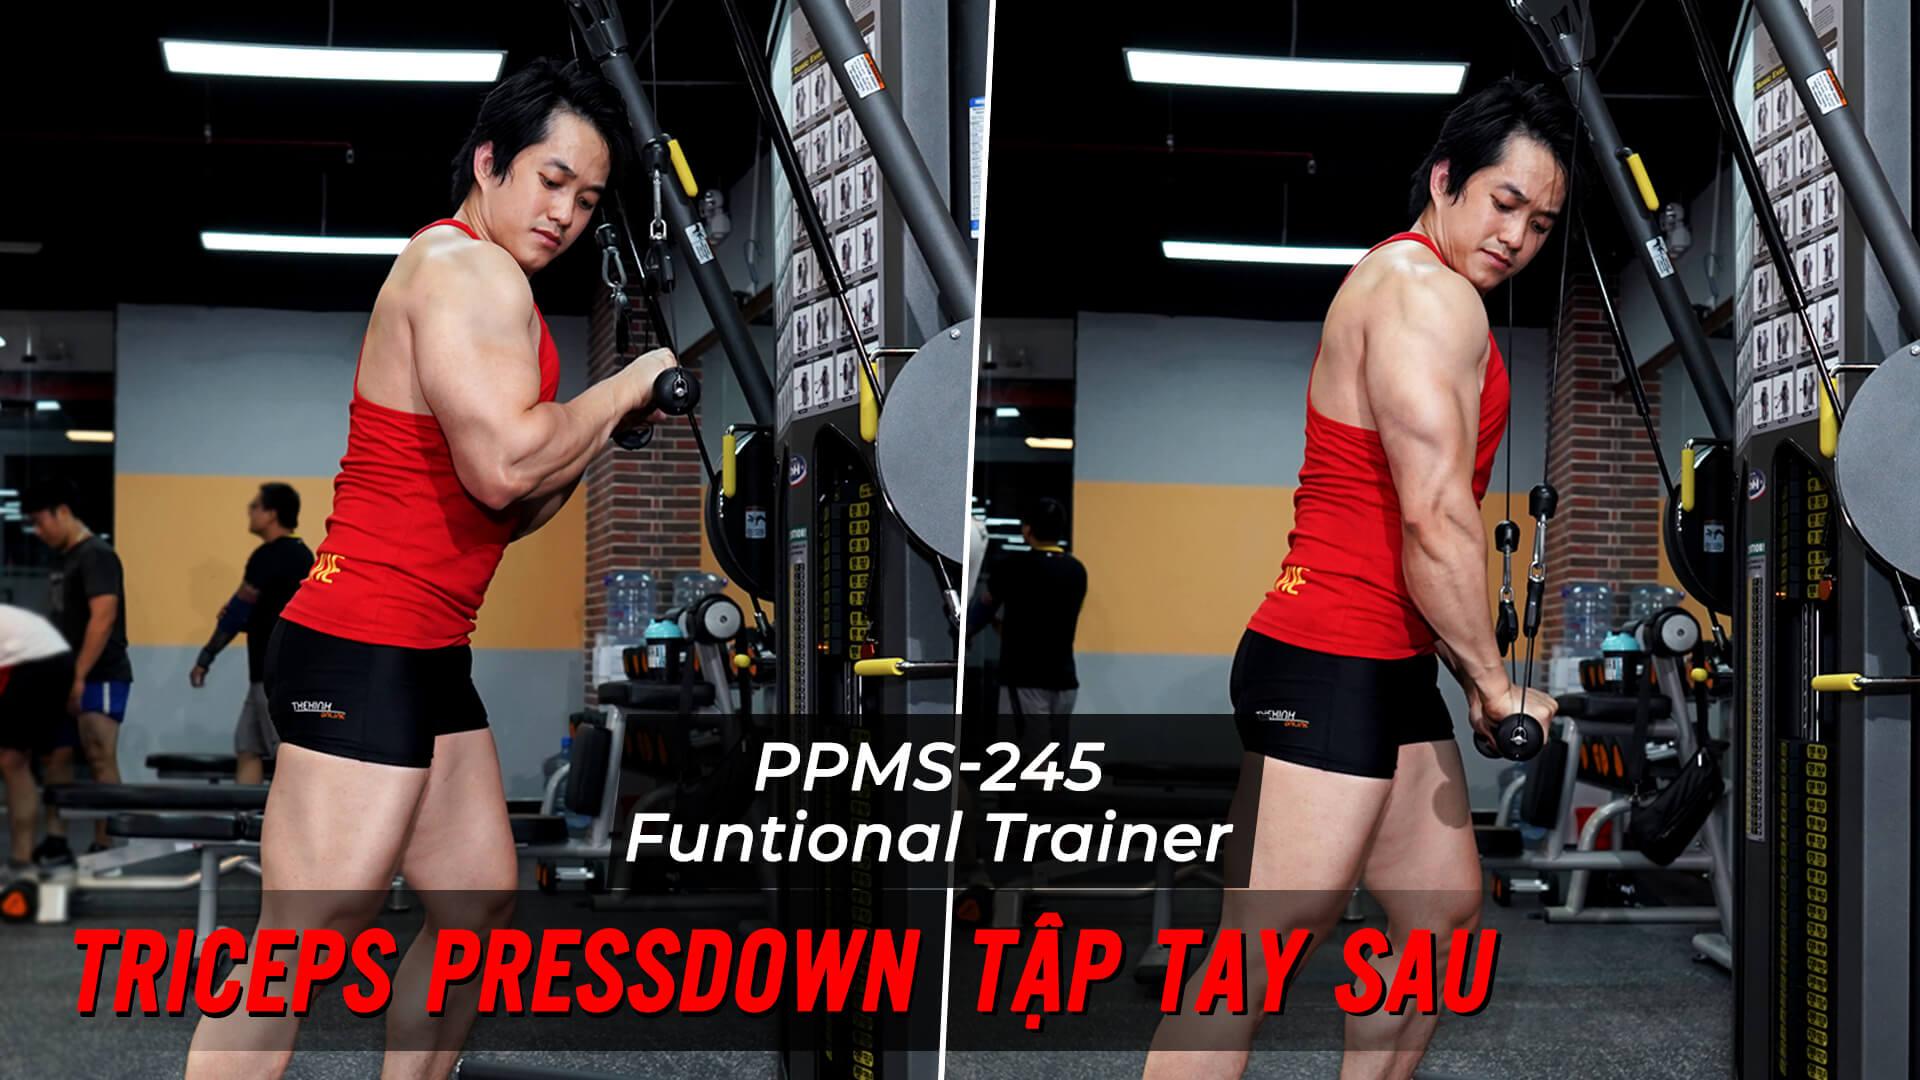 Triceps Pressdown - Bài tập giúp phát triển tay sau với Functional Trainer